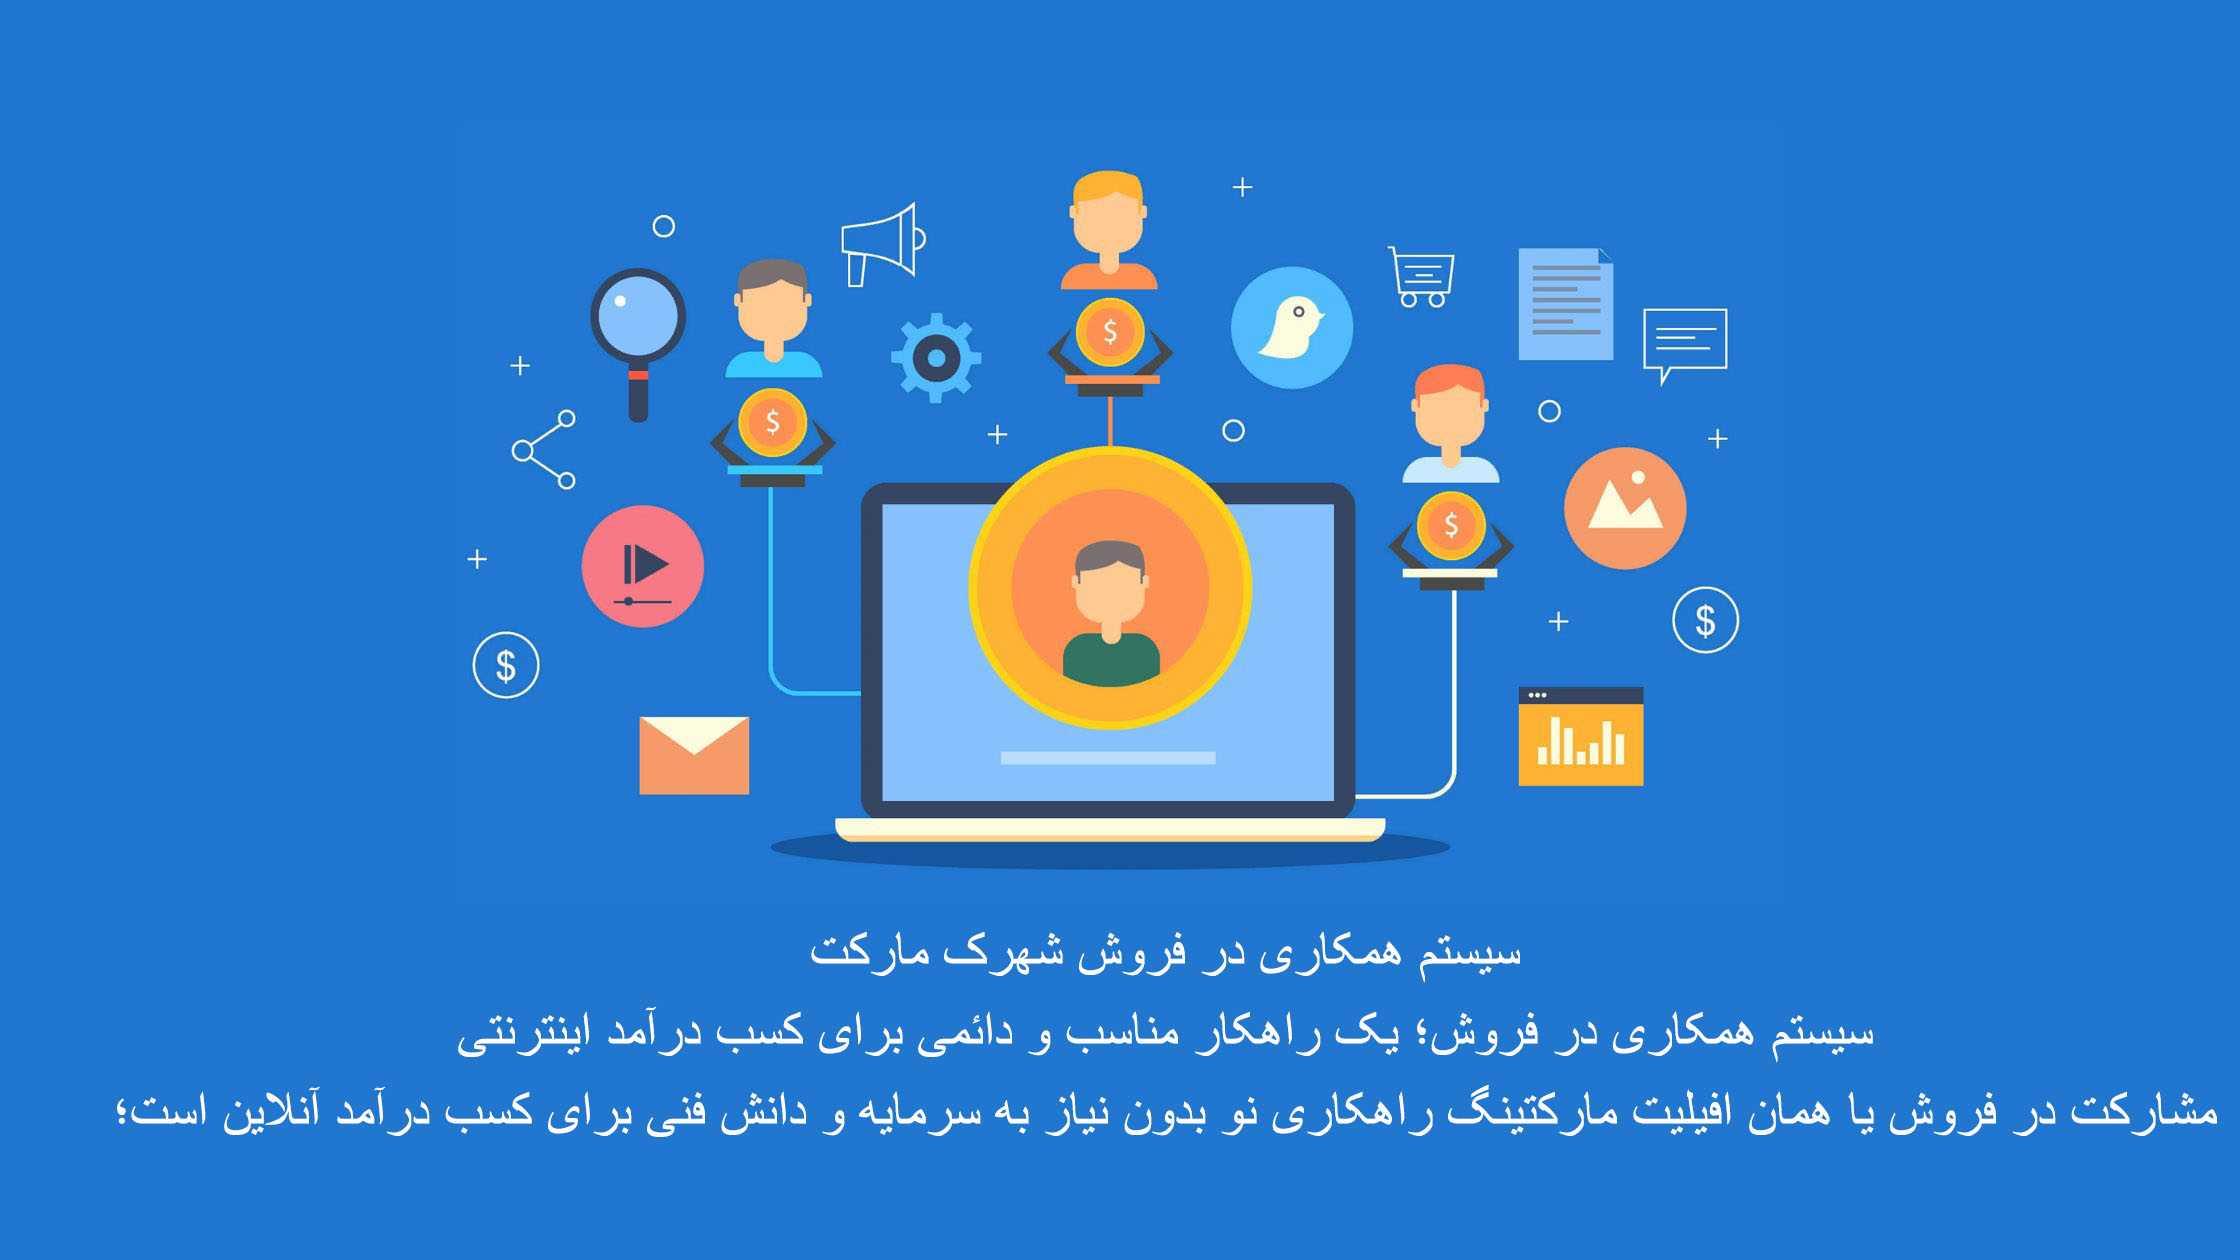 سیستم همکاری درفروش و یا افیلیت مارکتینگ